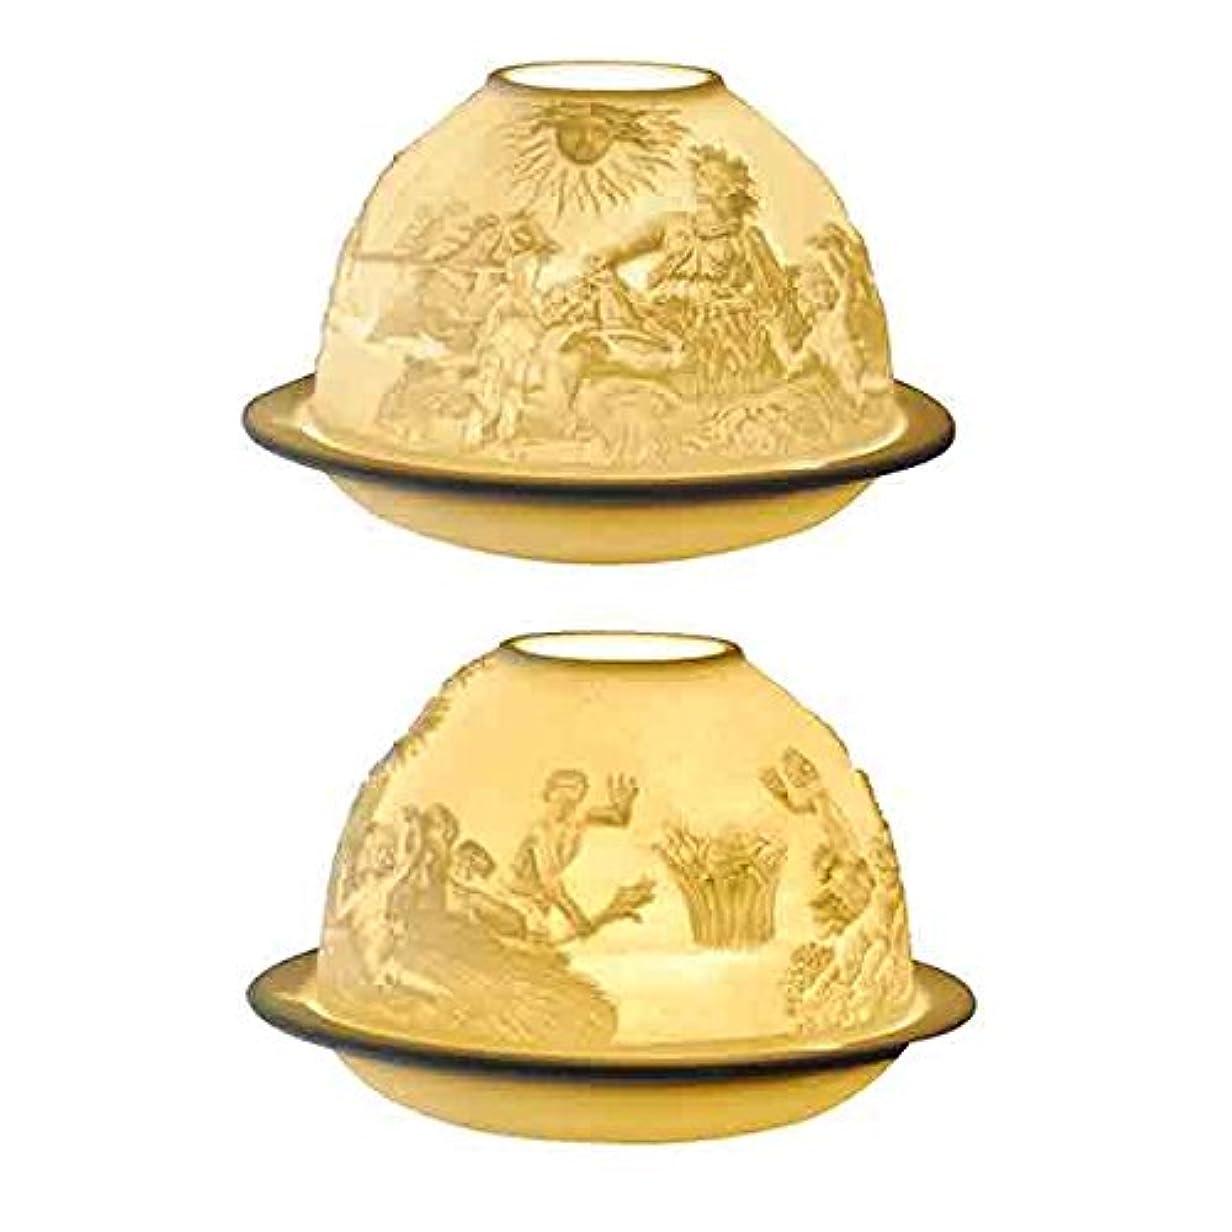 三角半球ジムベルナルド[BERNARDAUD] キャンドル用リトファニー ランプ 「ヴェルサイユ宮殿の大噴水」フランス製 リモージュ